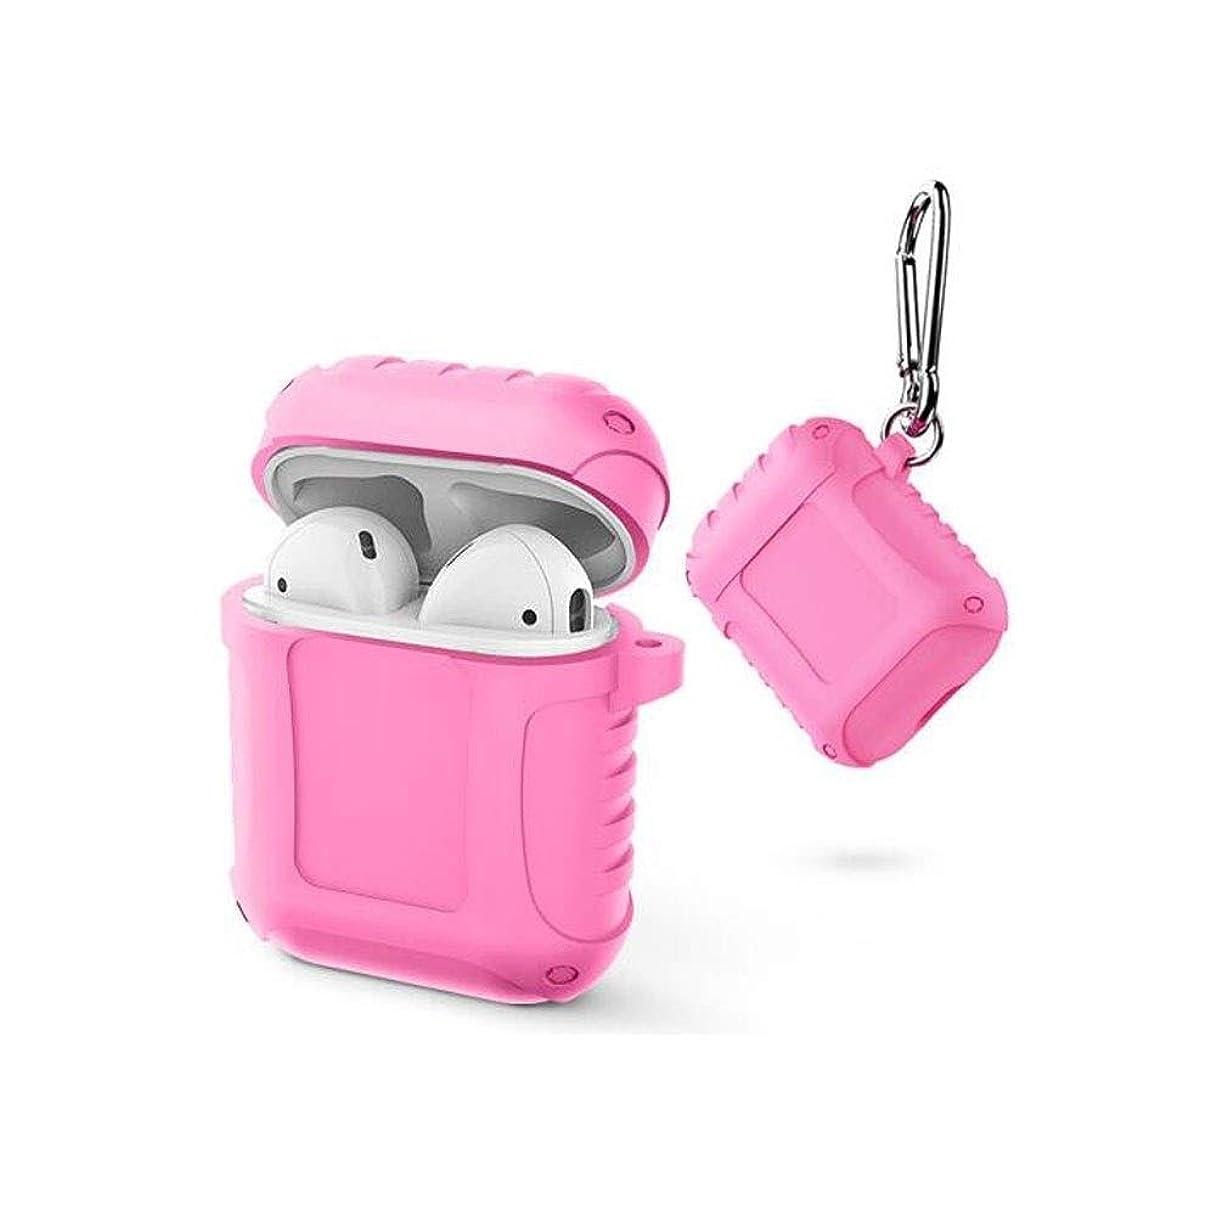 ナース保育園鳥NTSM Airpodsヘッドセットセット、シリコンワイヤレスBluetoothヘッドセットストレージボックス、トレンディなスタイル、マルチカラーオプション (Color : Pink)